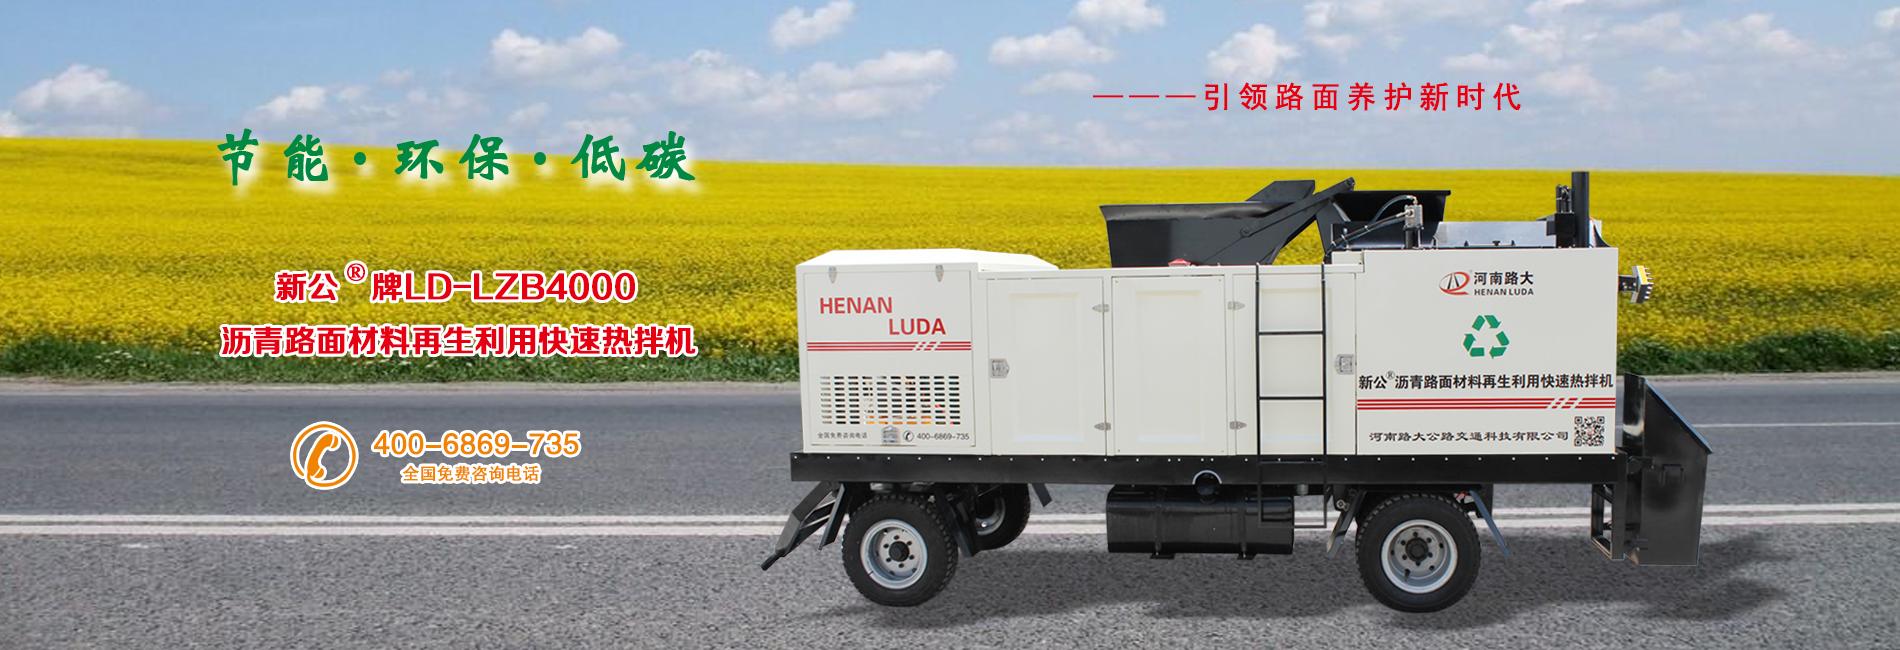 路面综合养护机,河南灌缝机厂家,路面灌缝机,综合养护车